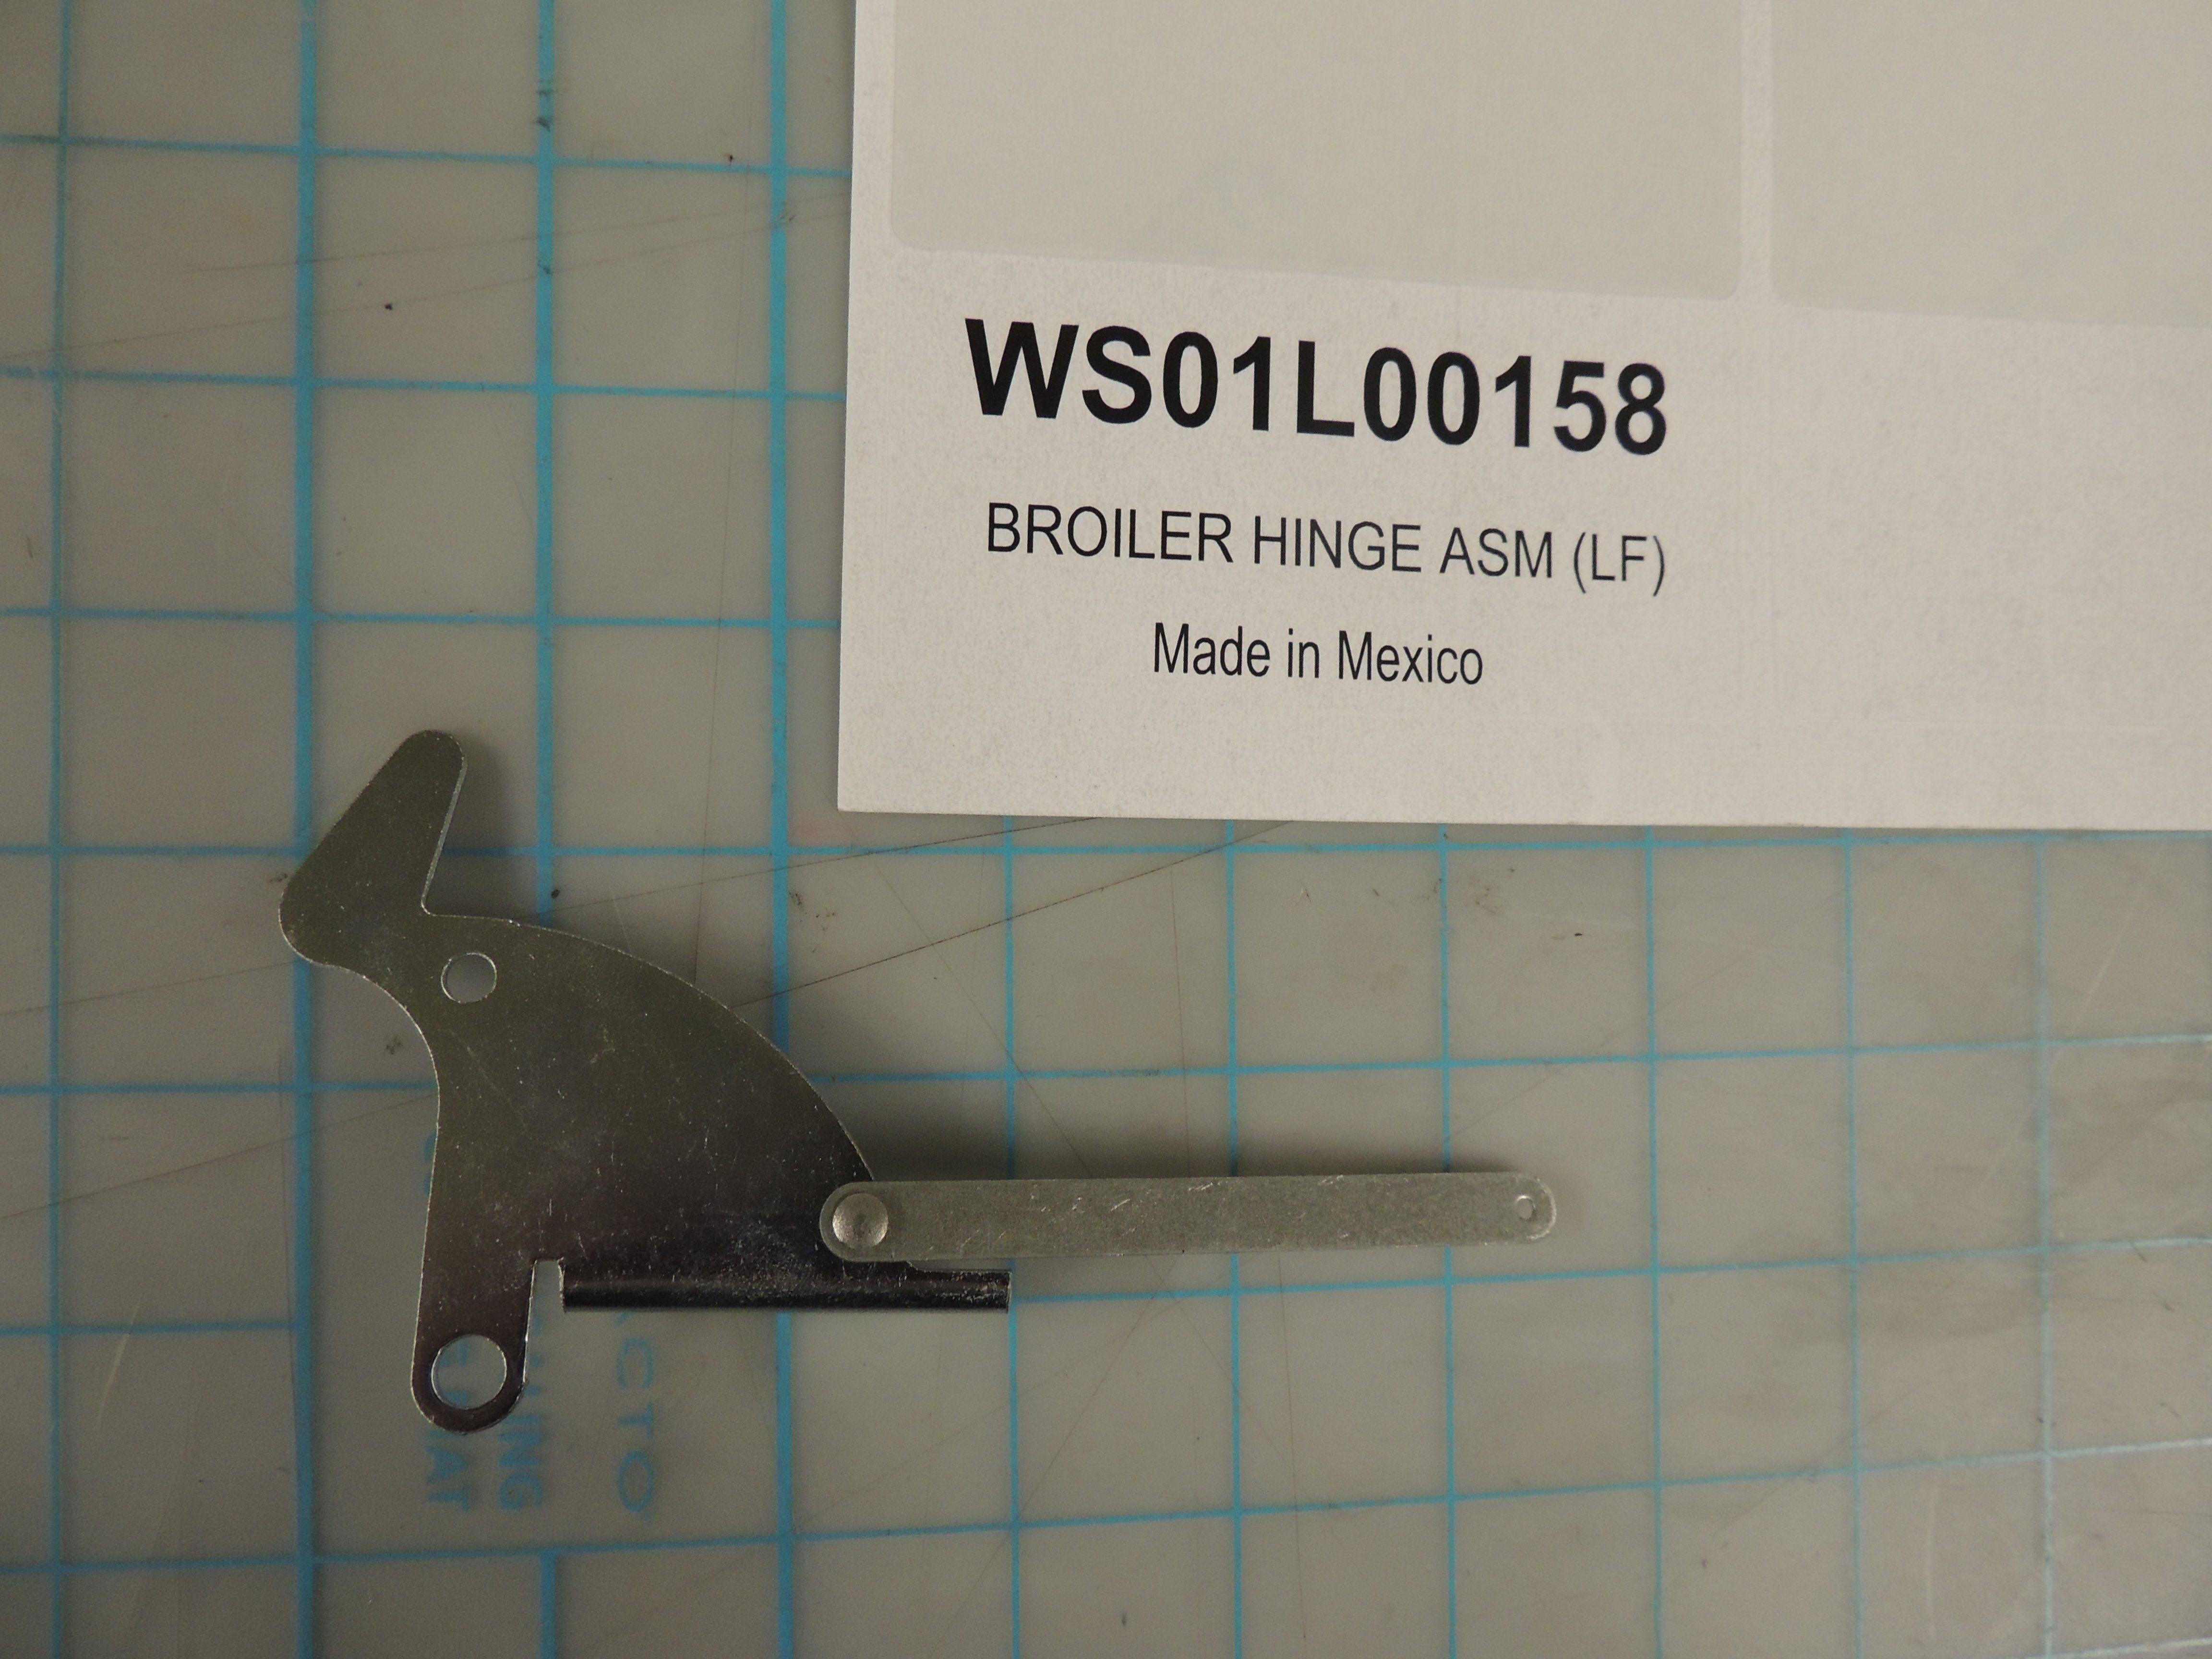 BROILER HINGE ASM (LF)